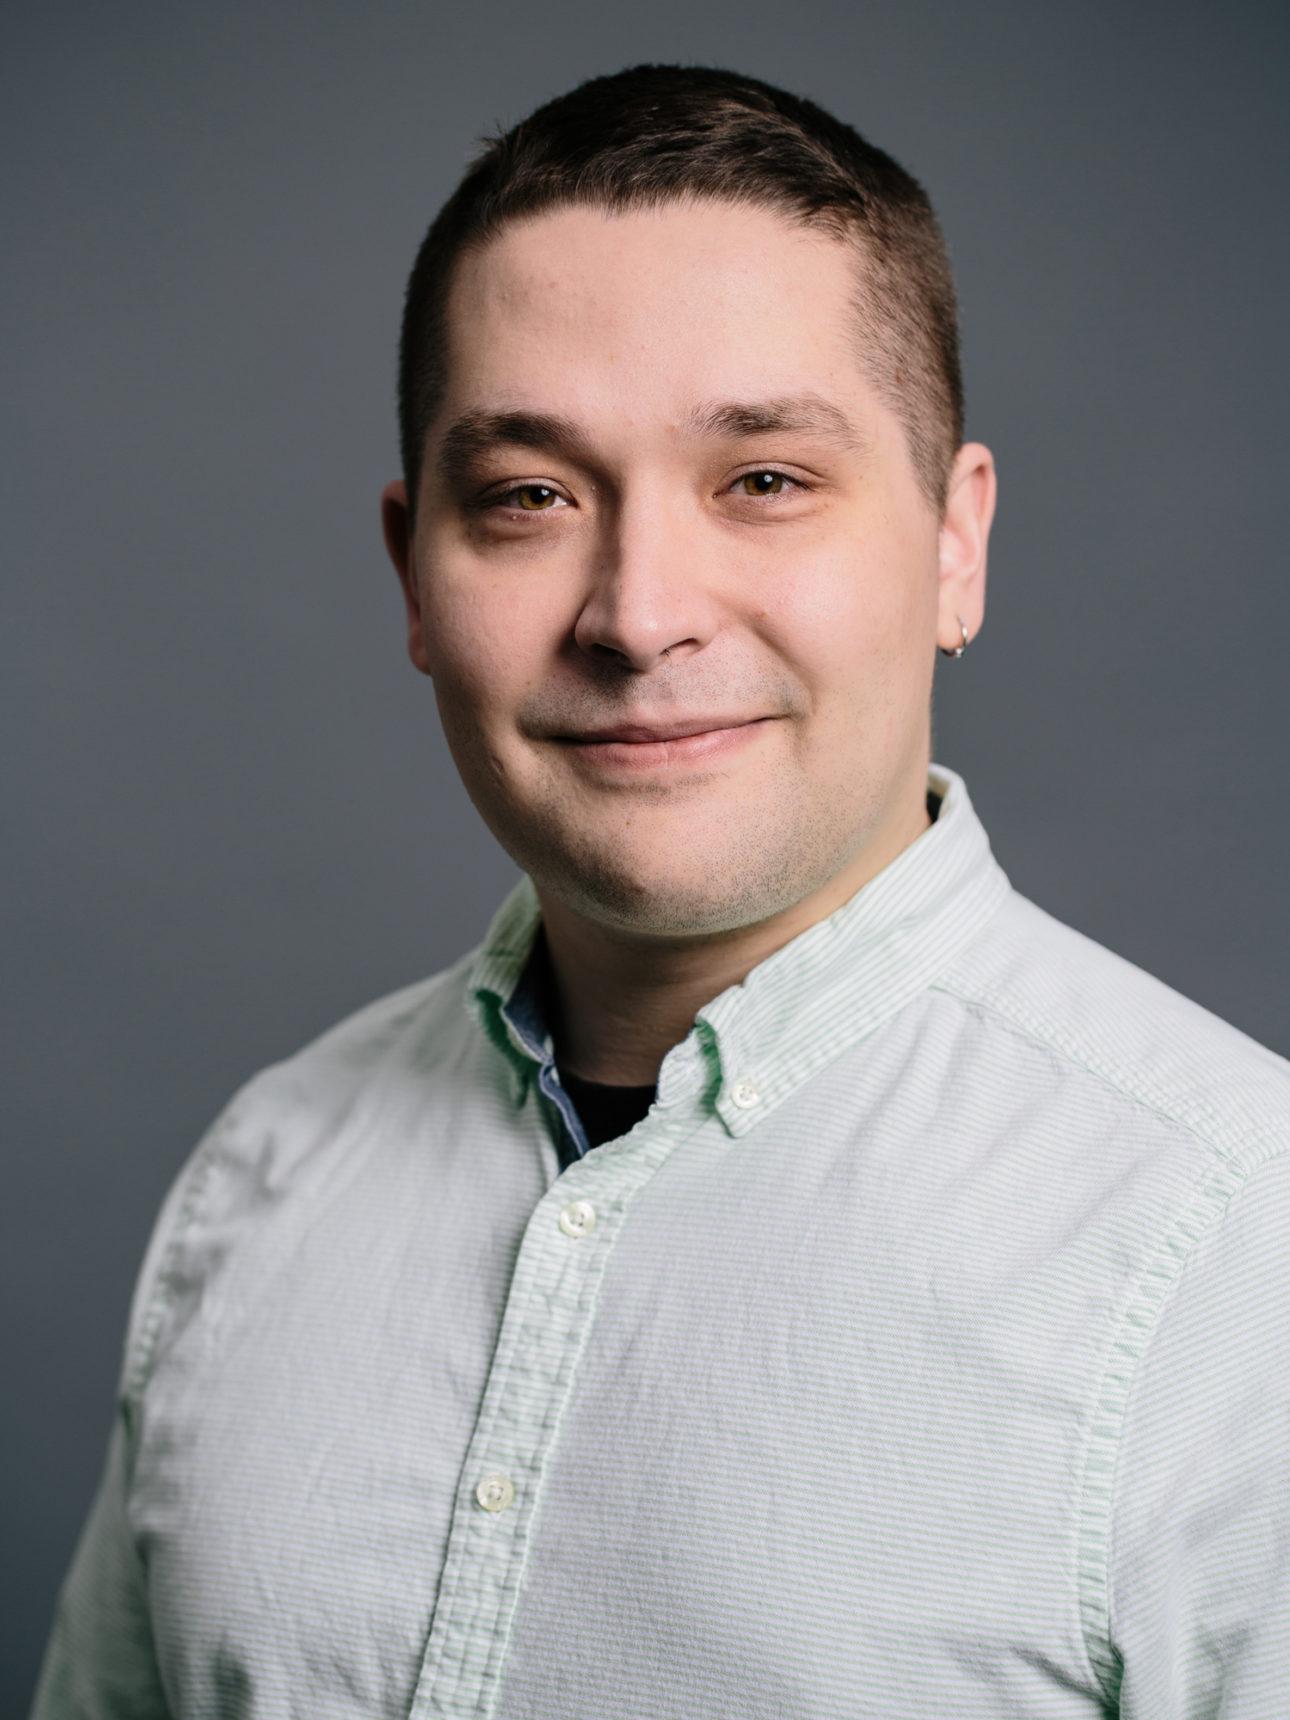 Photo of Ilya Razenshteyn